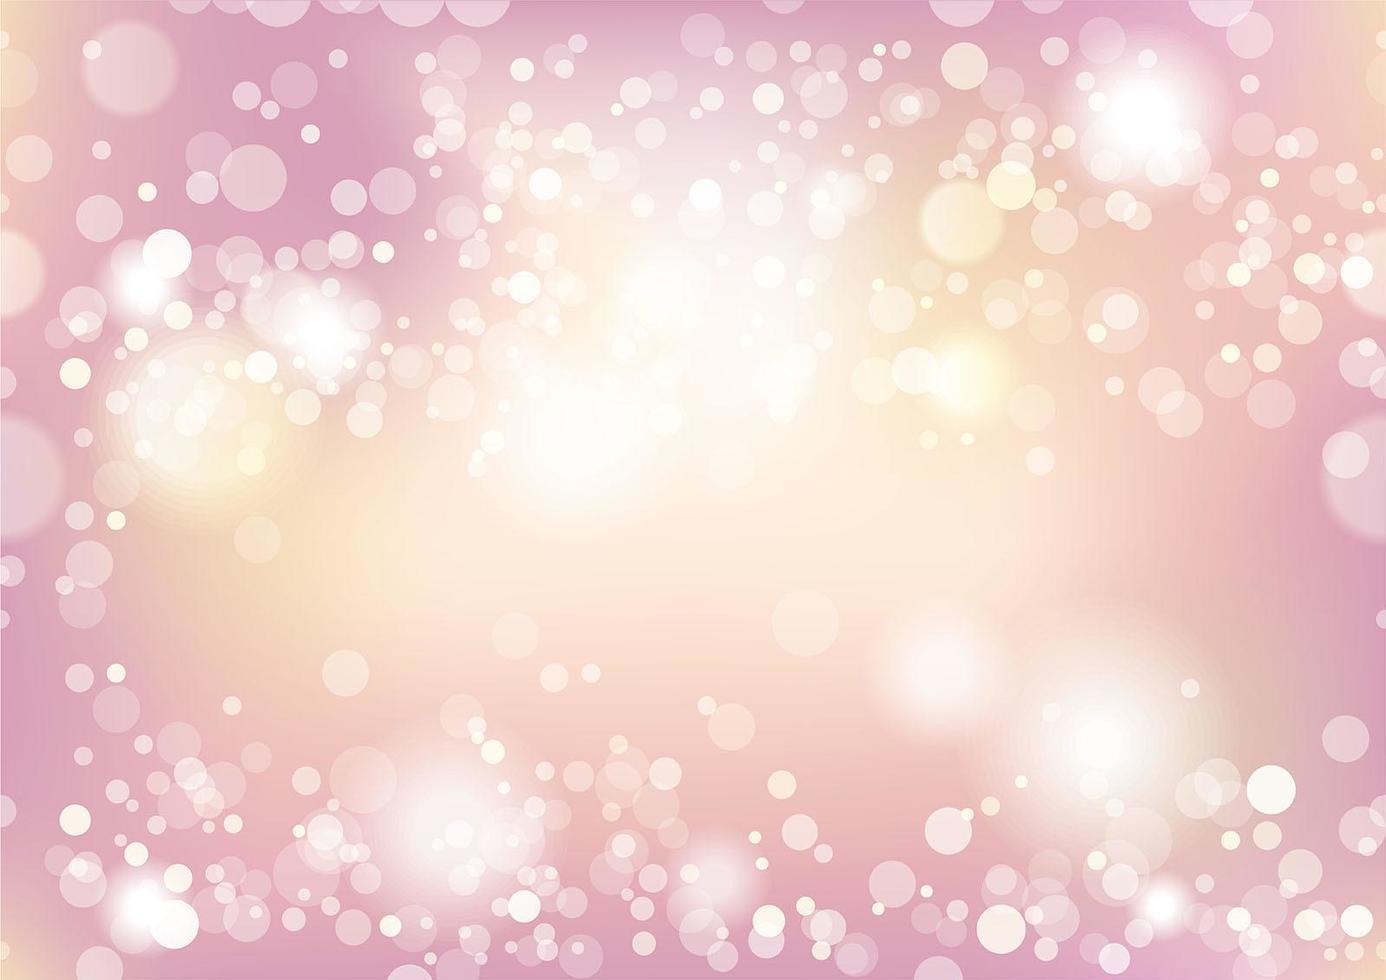 sfondo rosa bokeh astratto vettore